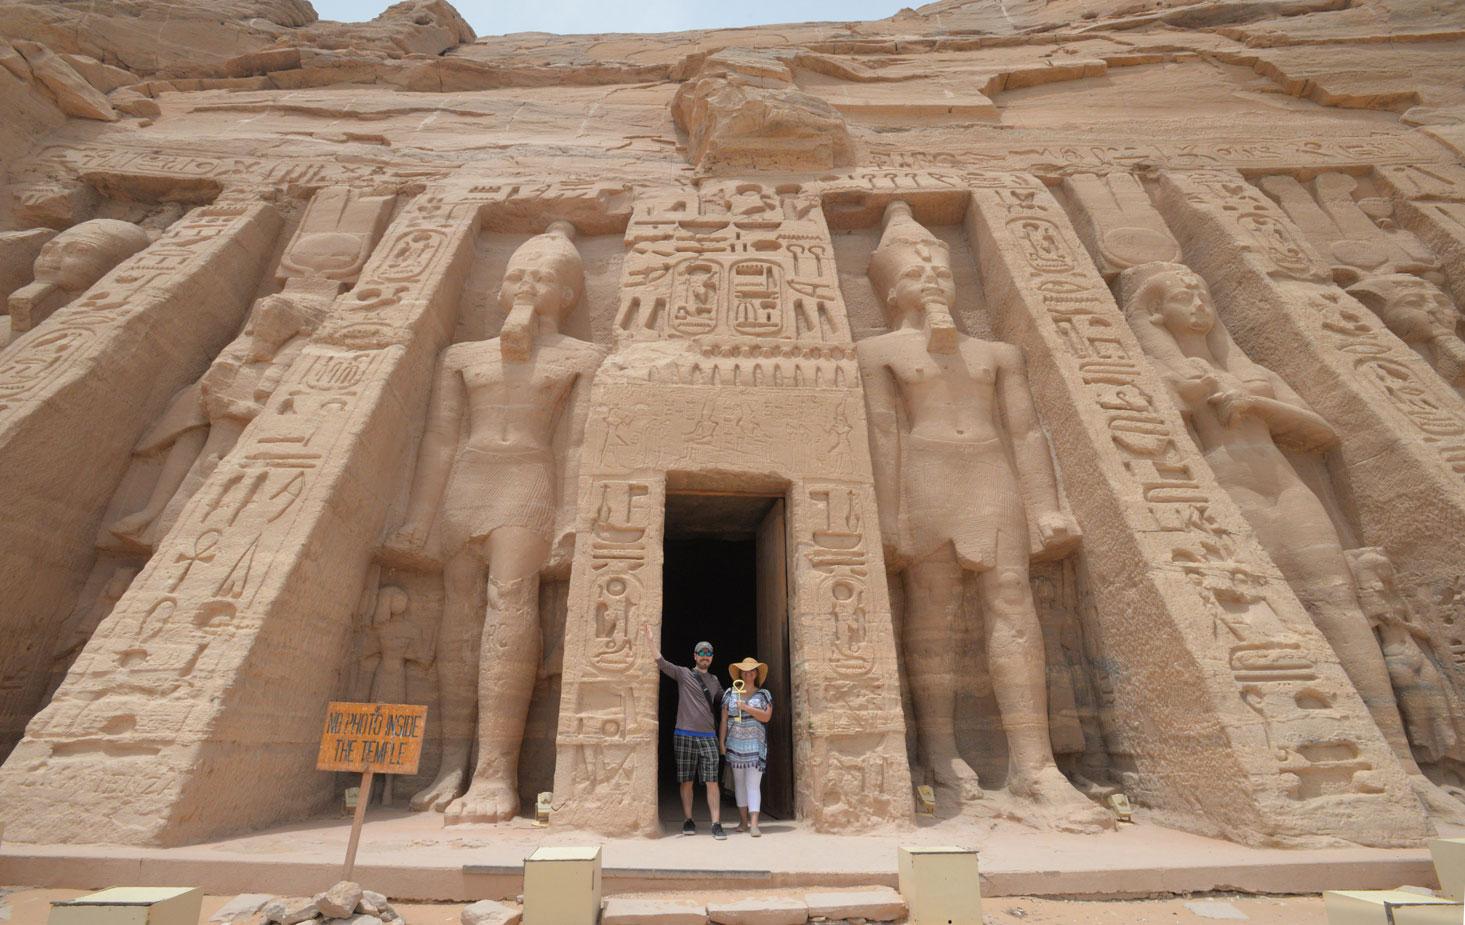 Holding the Key of Life at Egypt's Abu Simbel